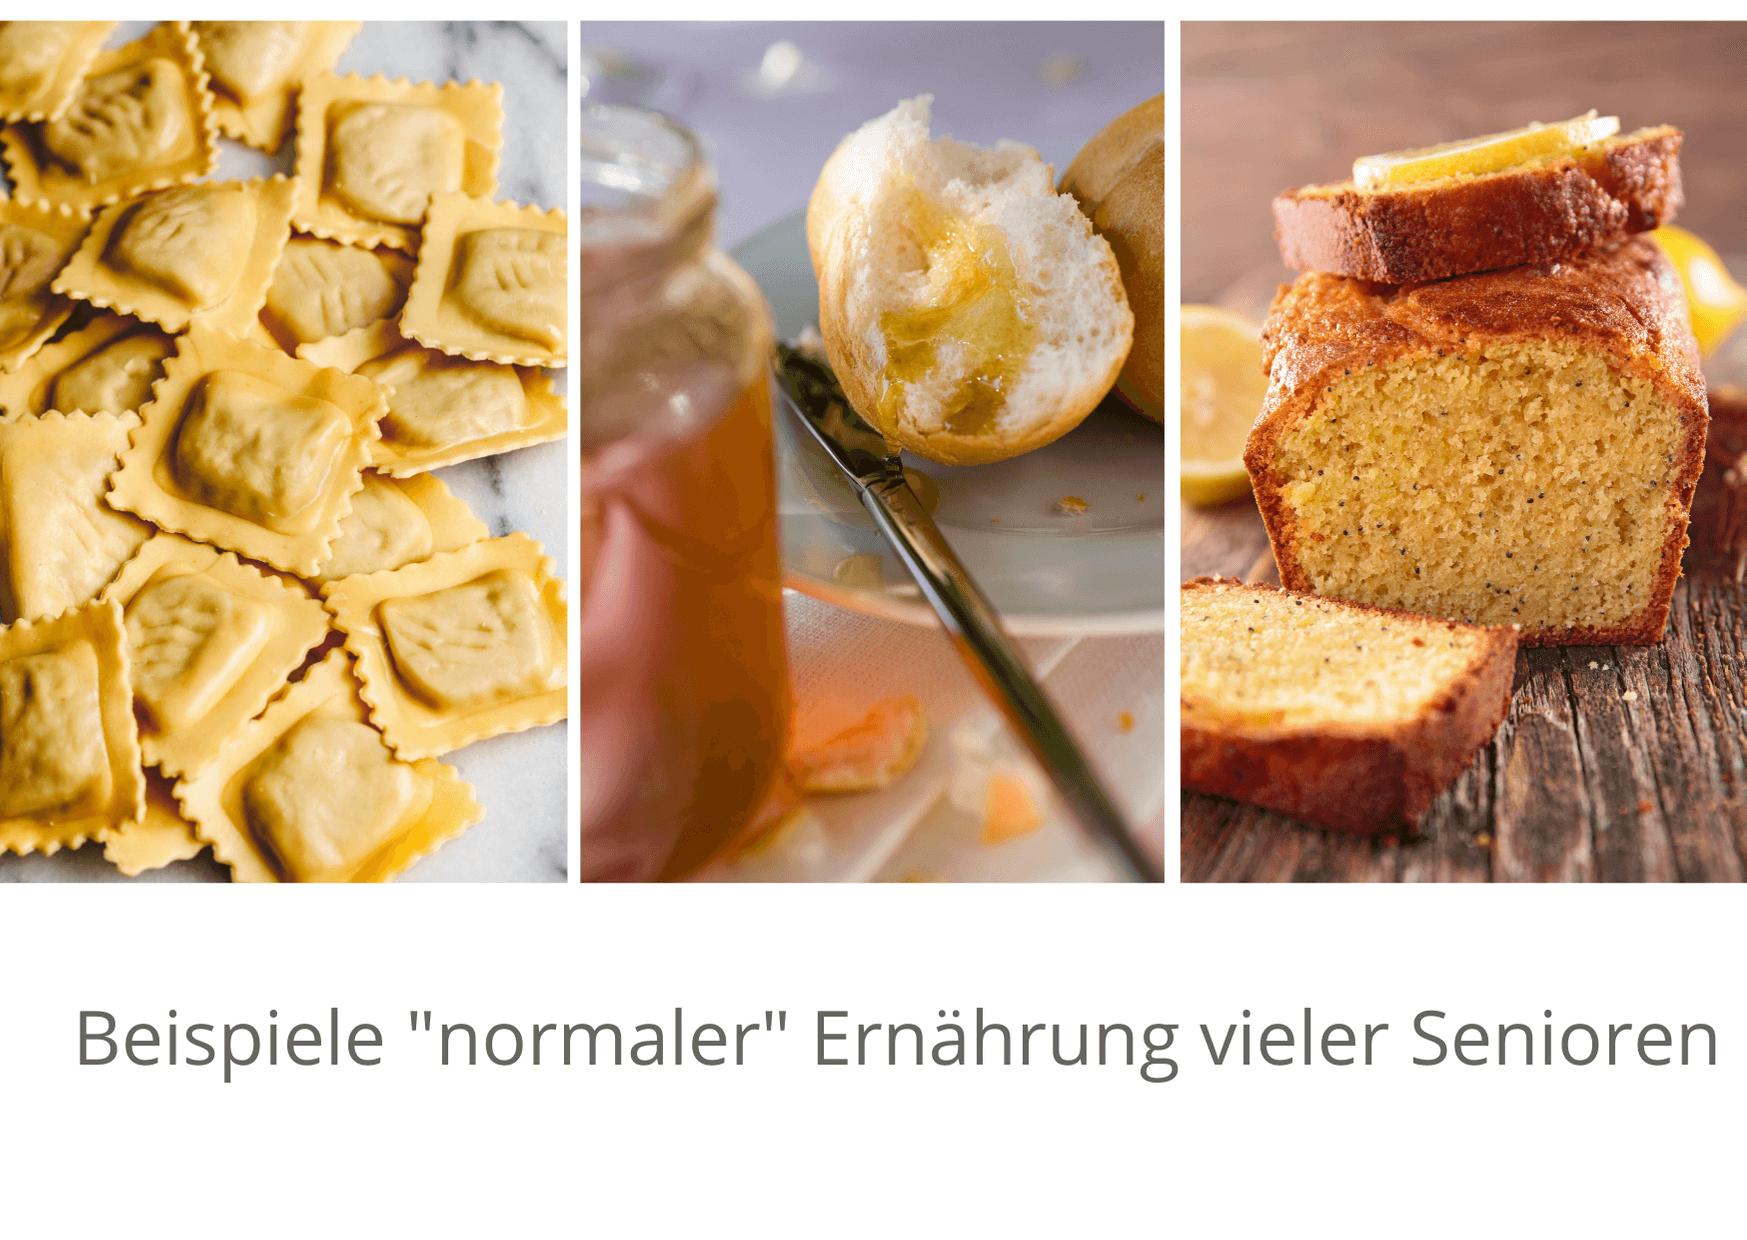 """Beispiele """"normaler"""" Ernährung vieler Senioren"""